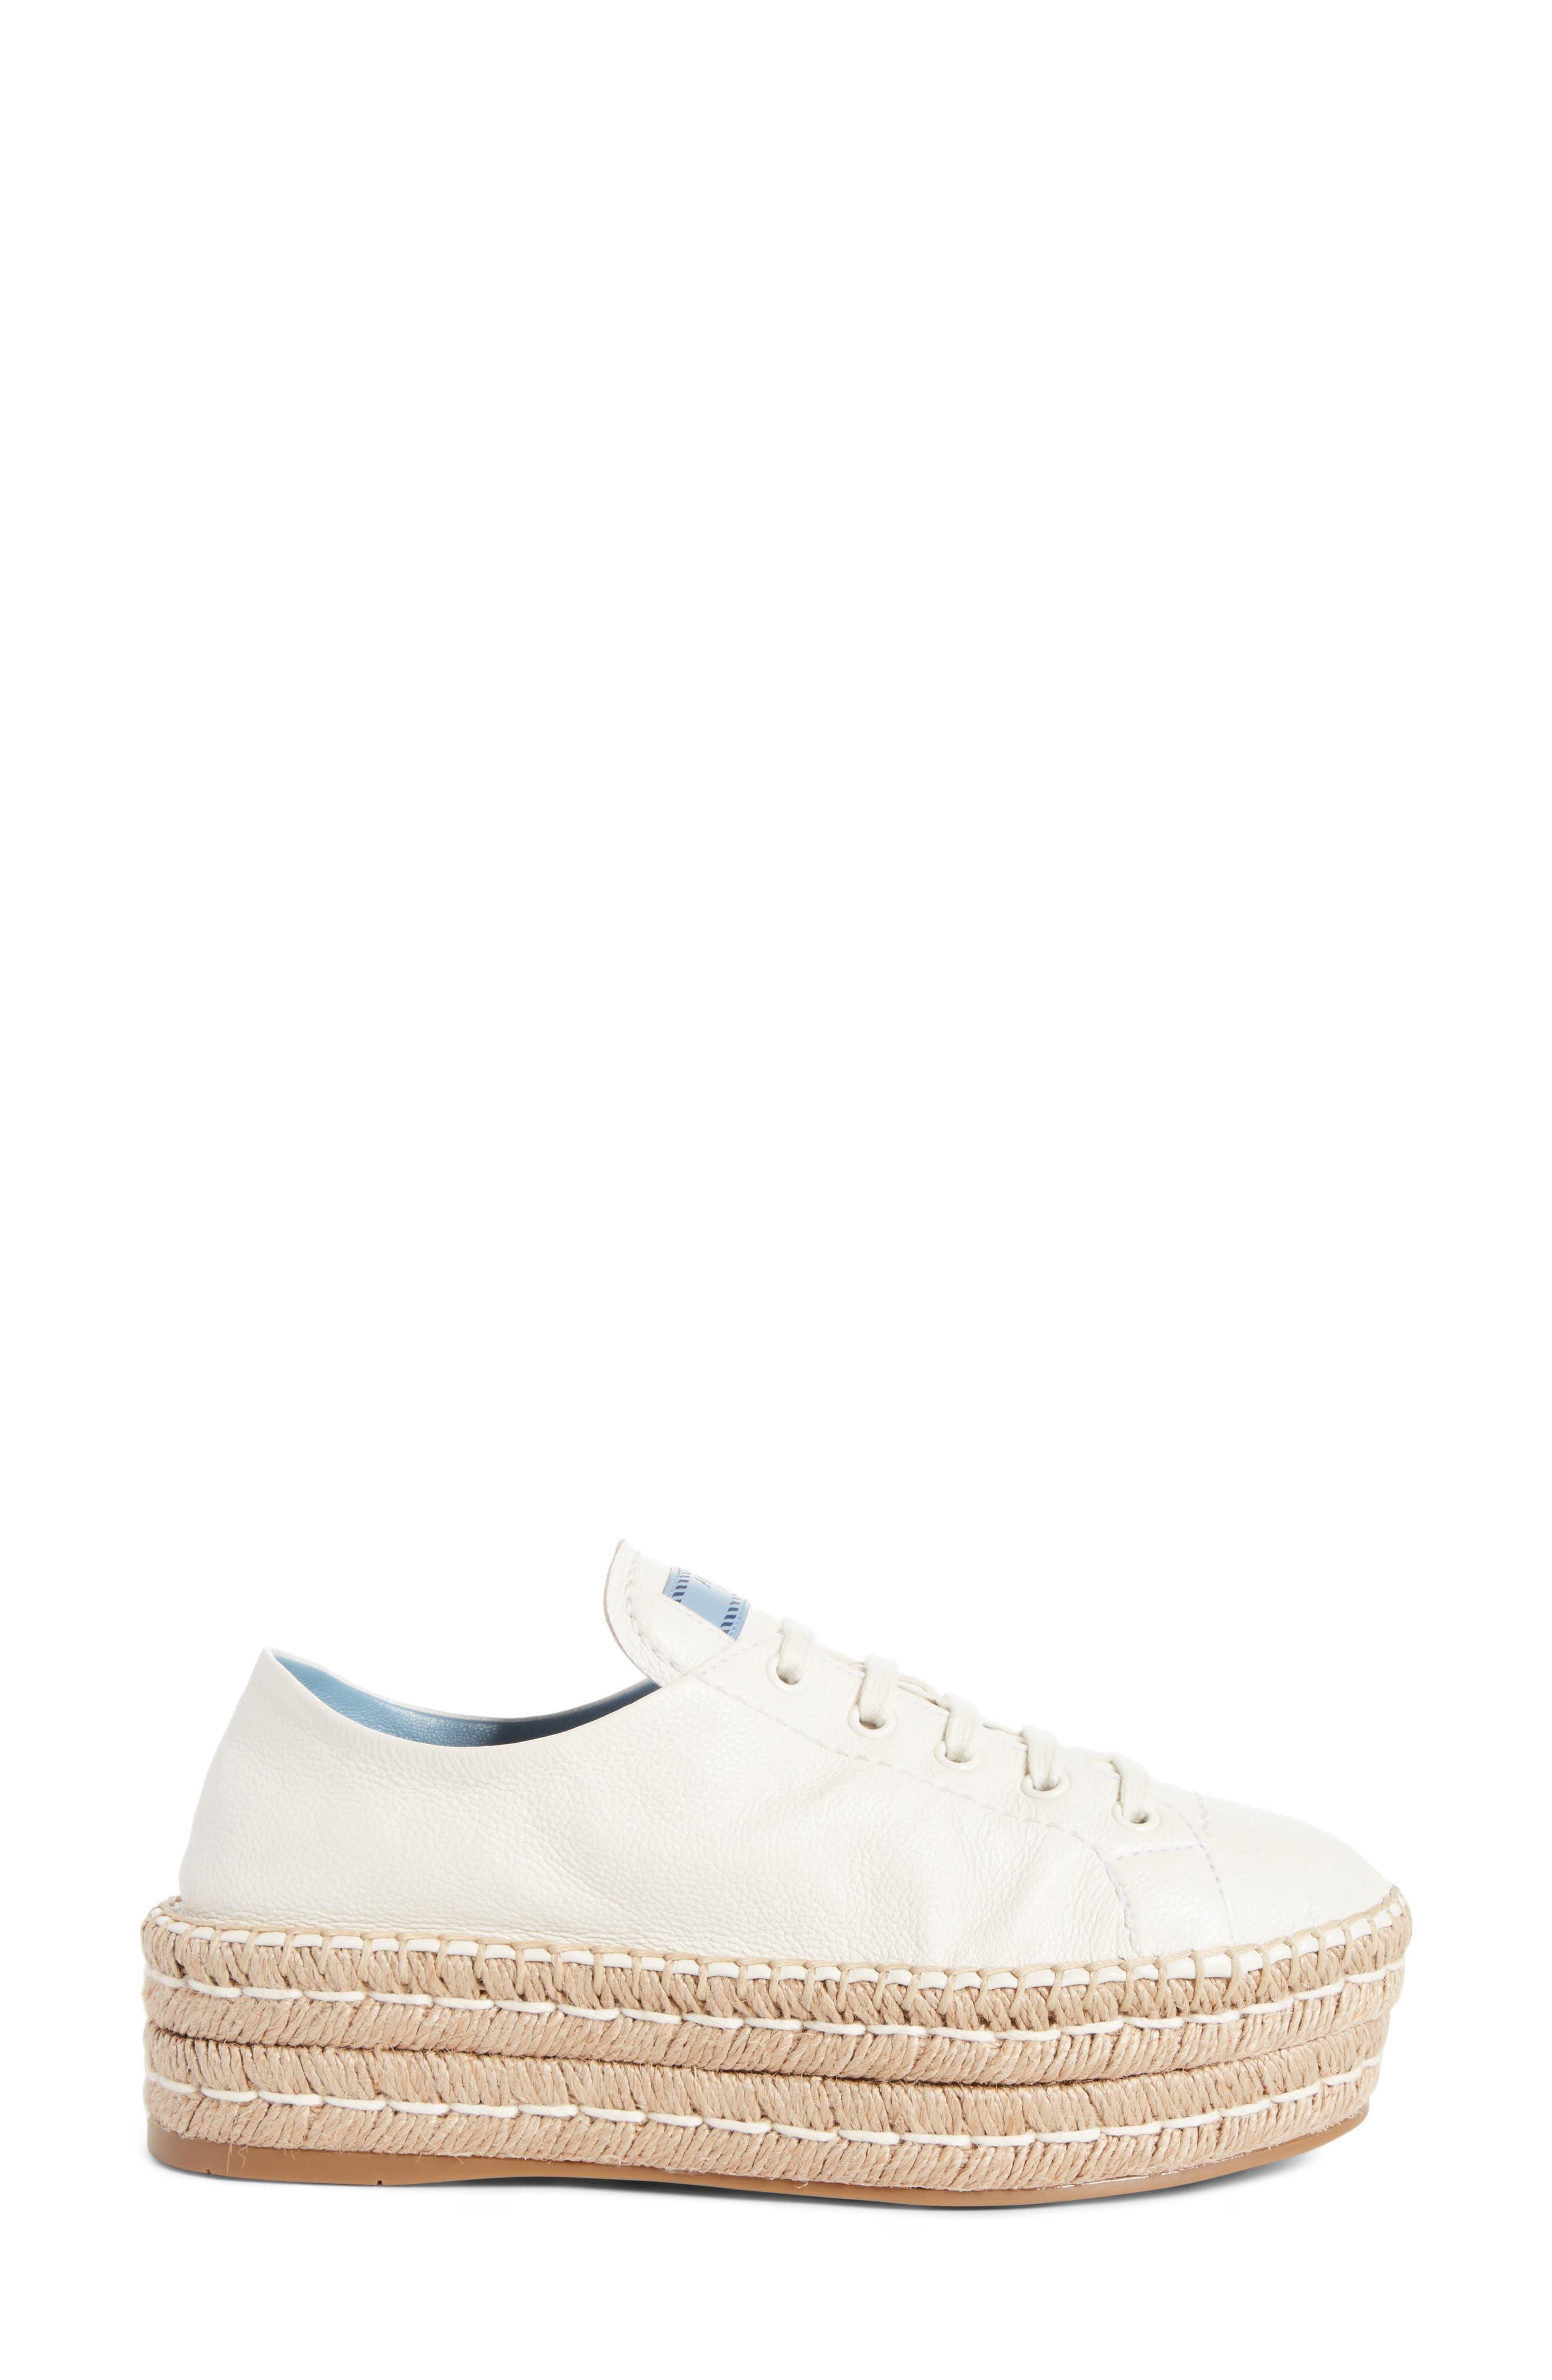 Flatform Espadrille Sneaker,                             Alternate thumbnail 3, color,                             White